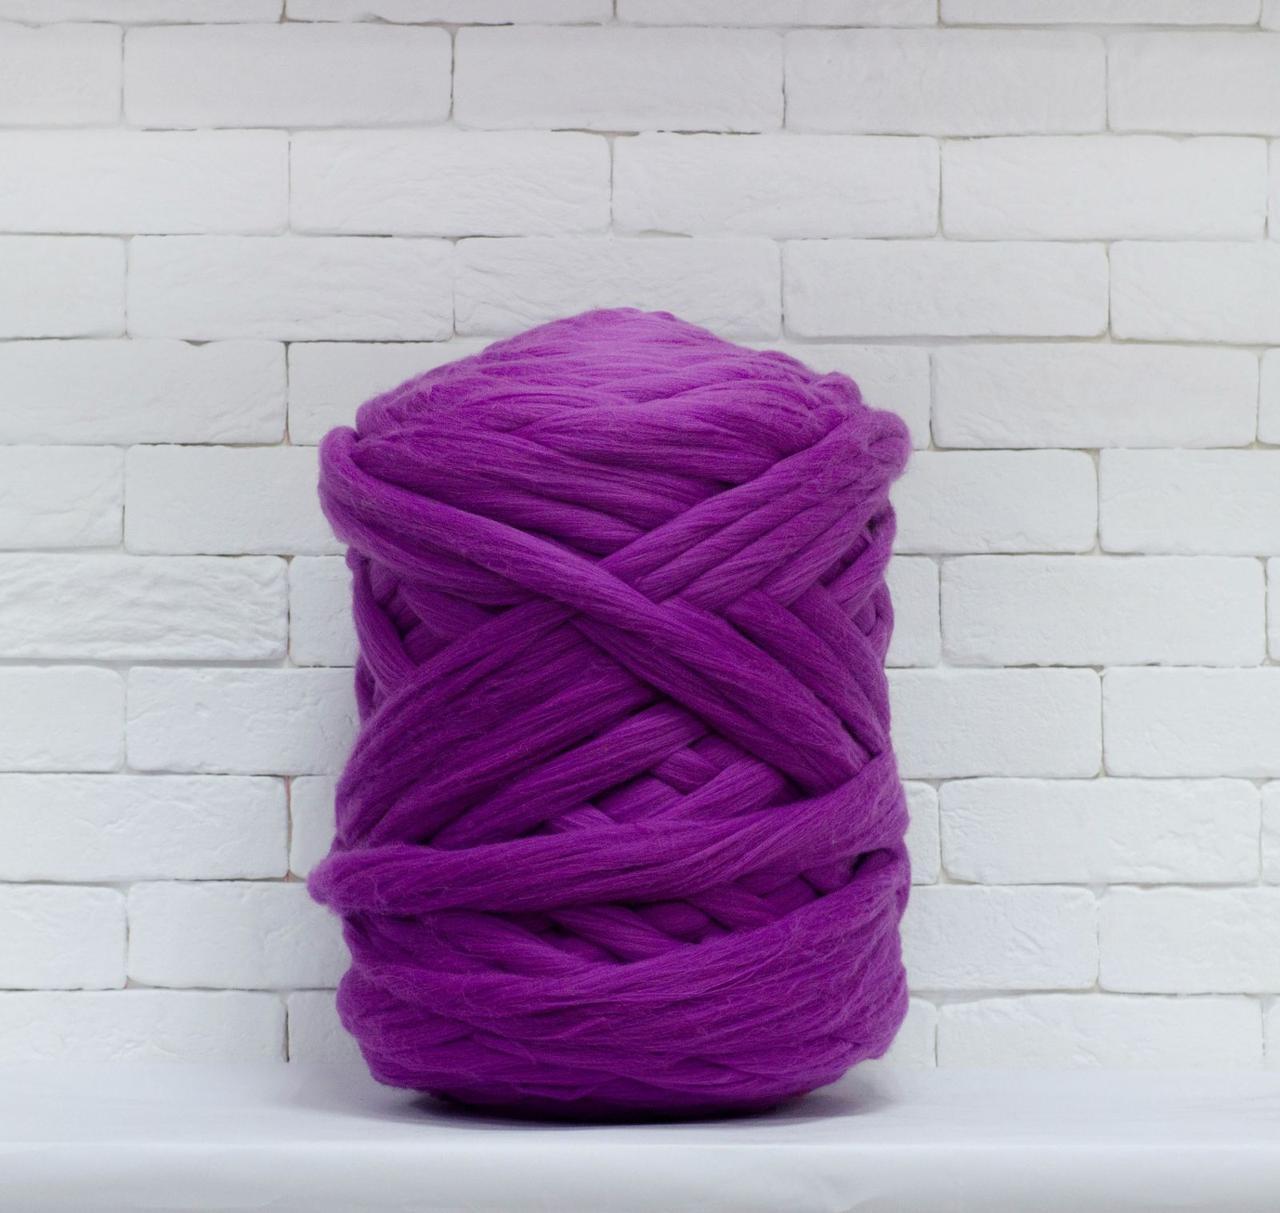 Толстая, крупная пряжа 100% шерсть 1кг (40м). Цвет: Сирень. 28 мкрн. Топс. Лента для пледов